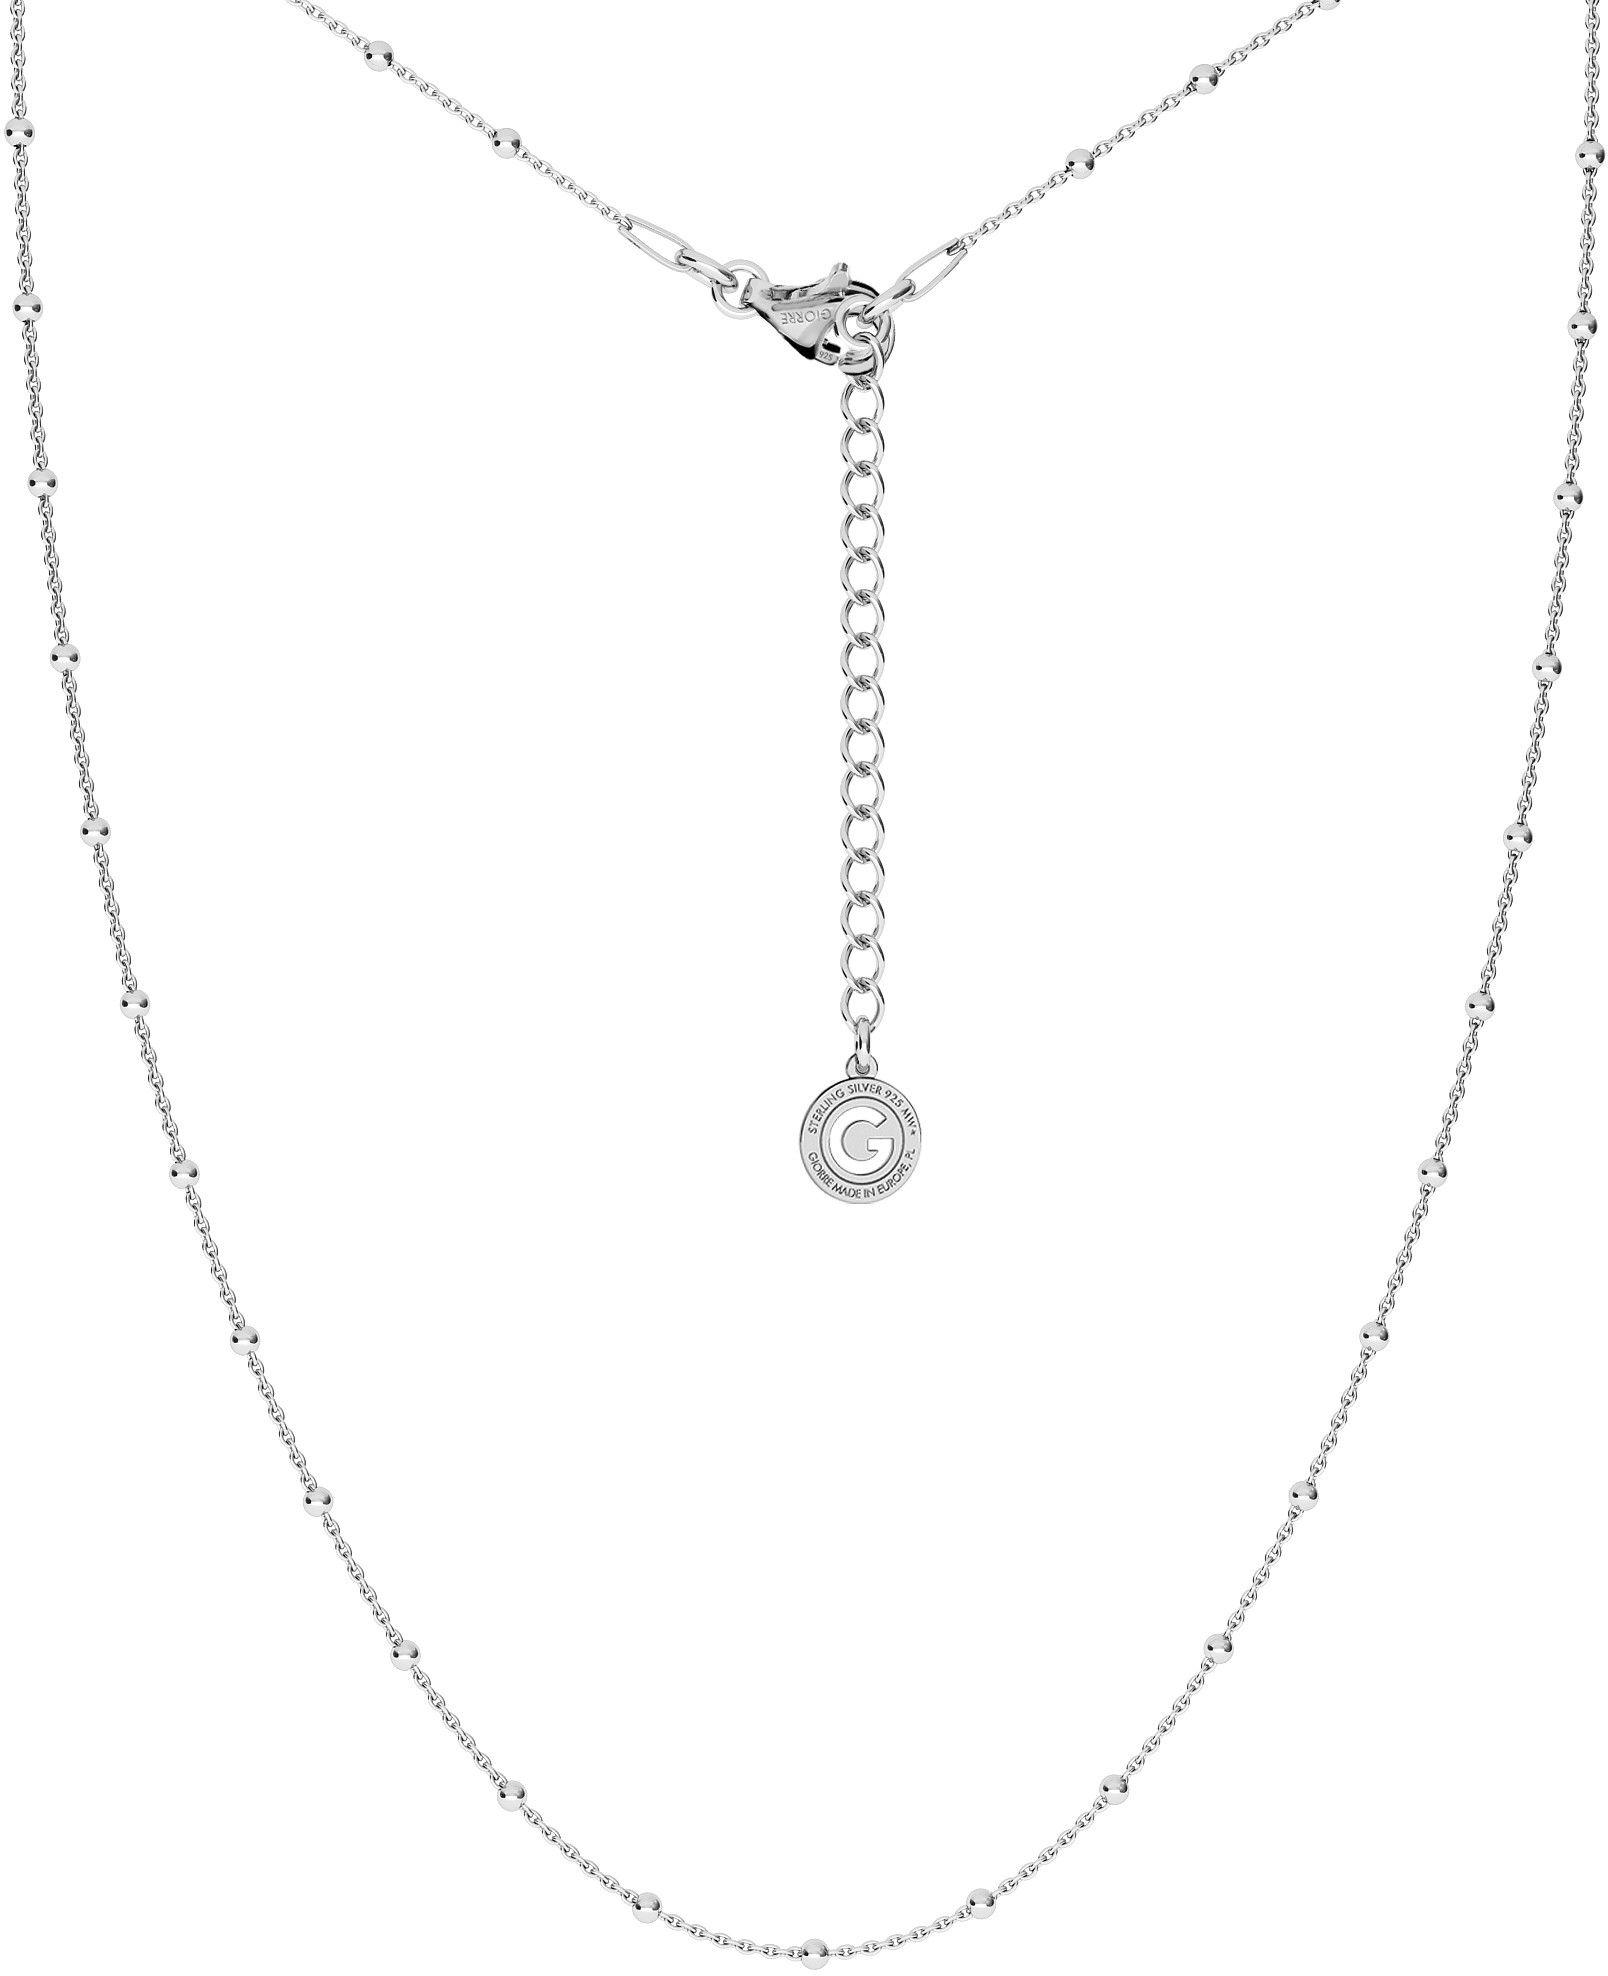 Srebrny delikatny łańcuszek ankier z kulkami, srebro 925 : Długość (cm) - 60 + 5, Srebro - kolor pokrycia - Pokrycie platyną